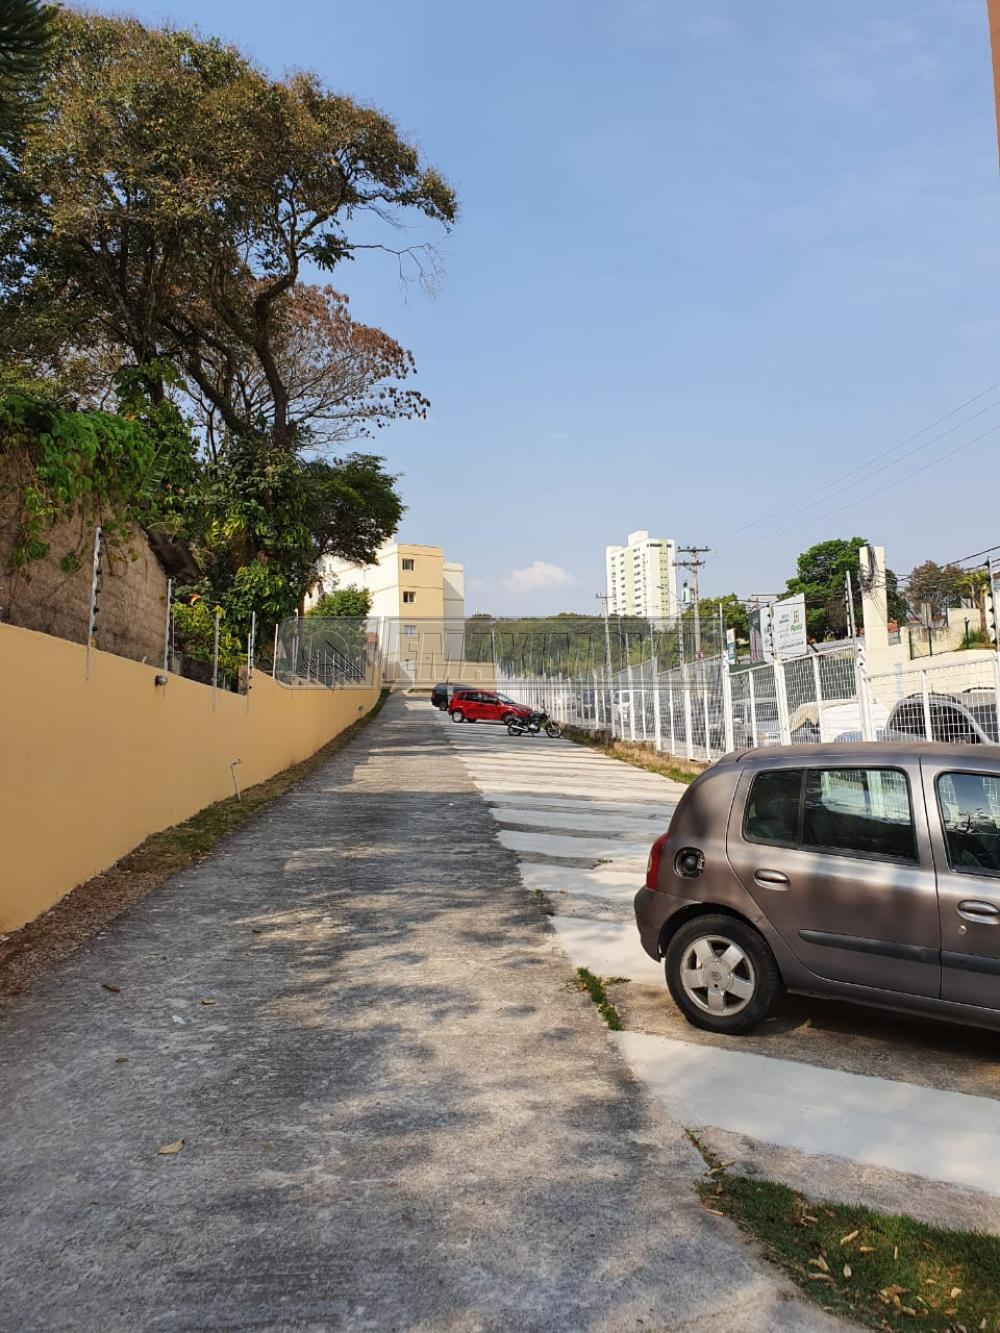 Comprar Apartamentos / Apto Padrão em Sorocaba apenas R$ 140.000,00 - Foto 17